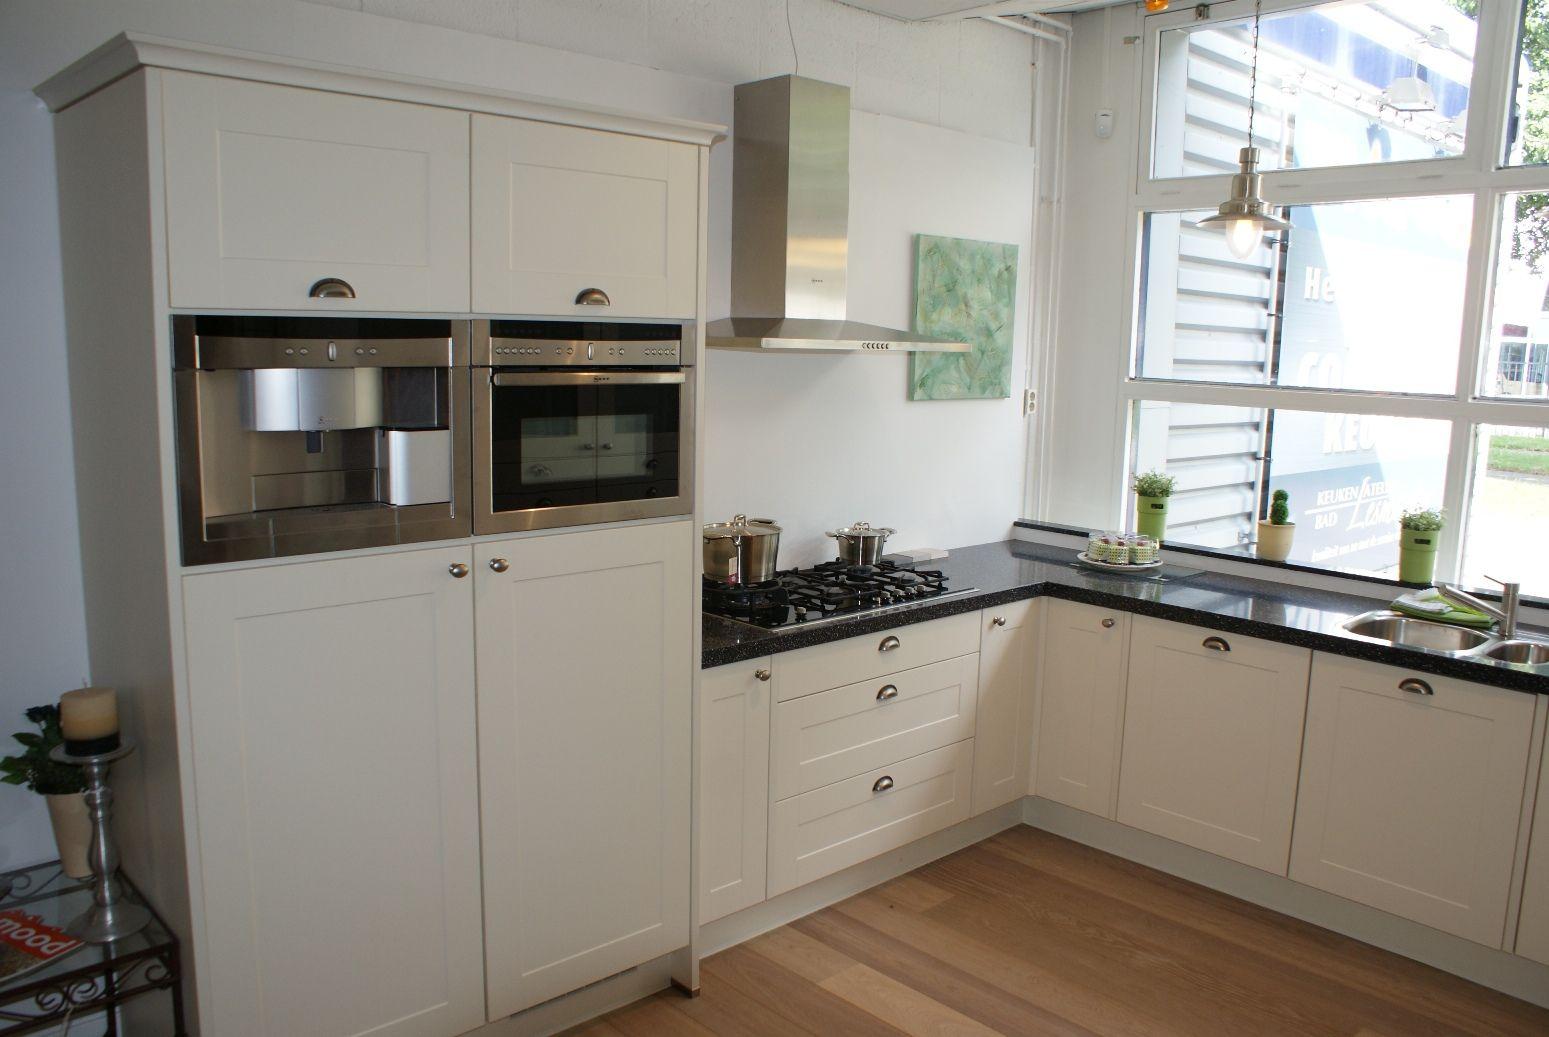 ... keukens voor zeer lage keuken prijzen : Breed kader Vanille [26648